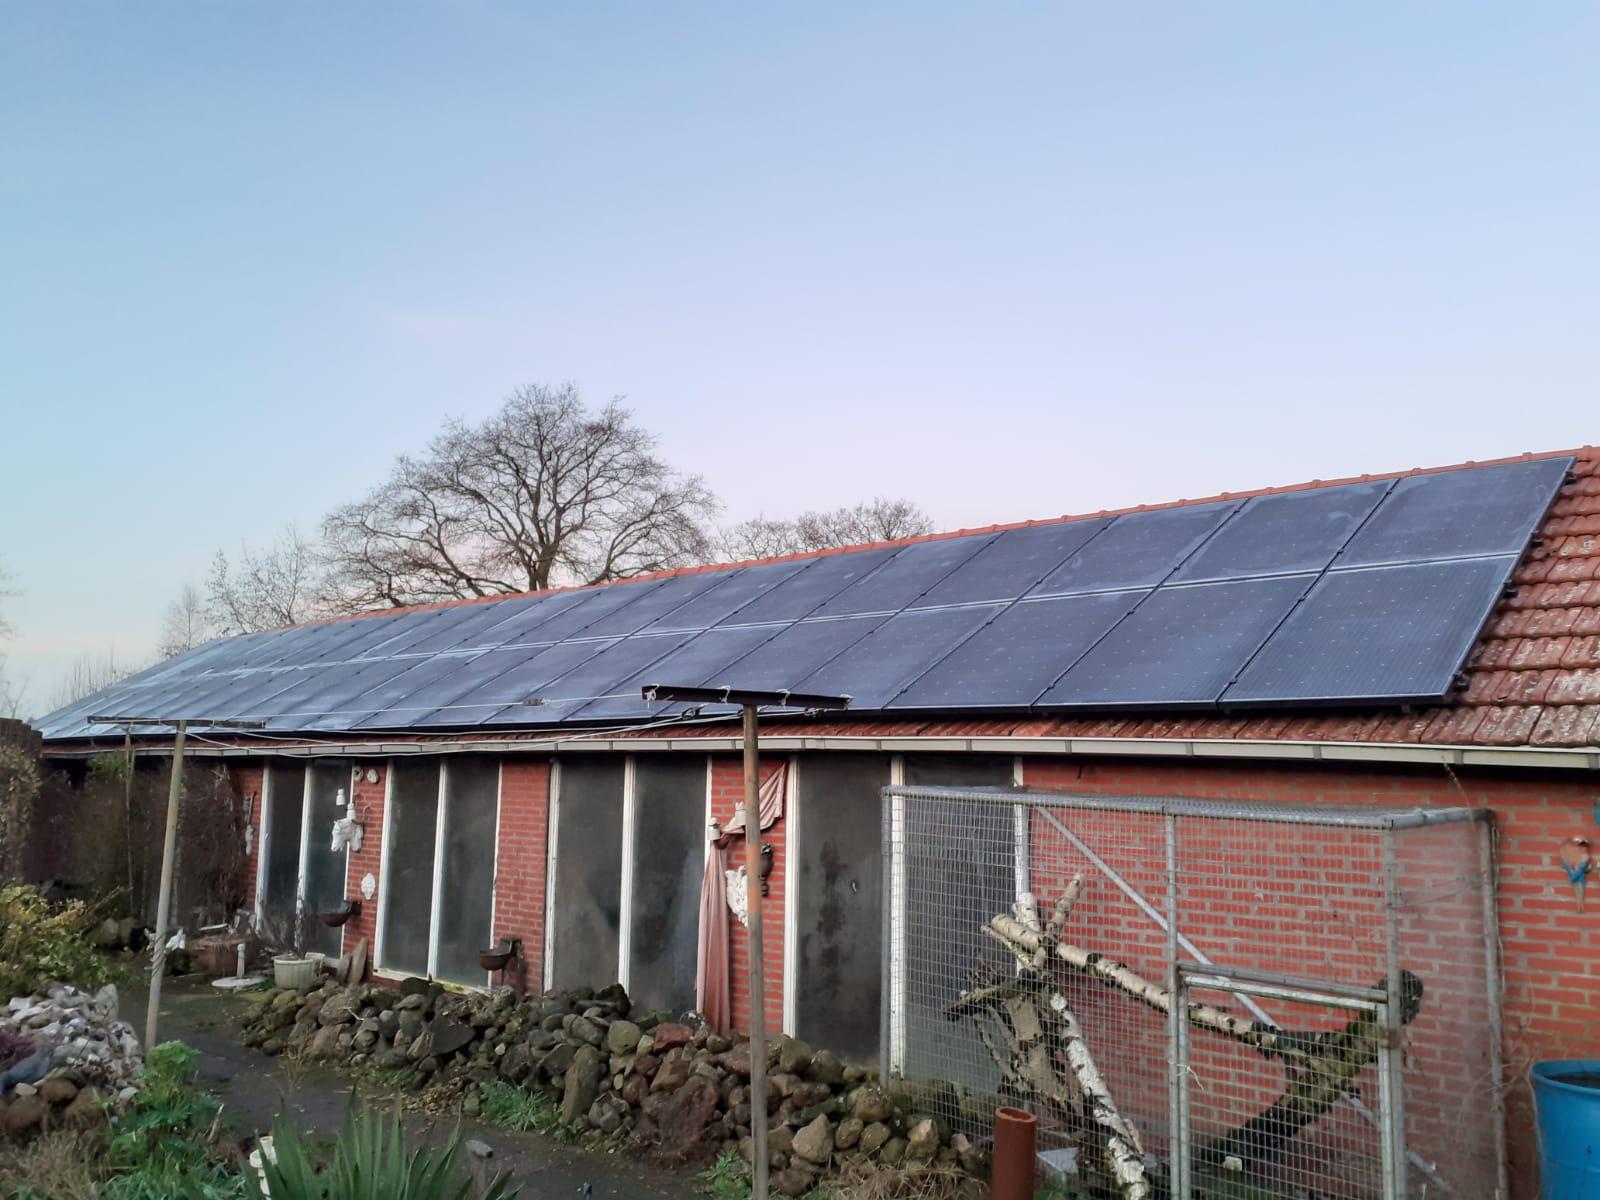 Solarwatt glas glas zonnepanelen Bakkeveen